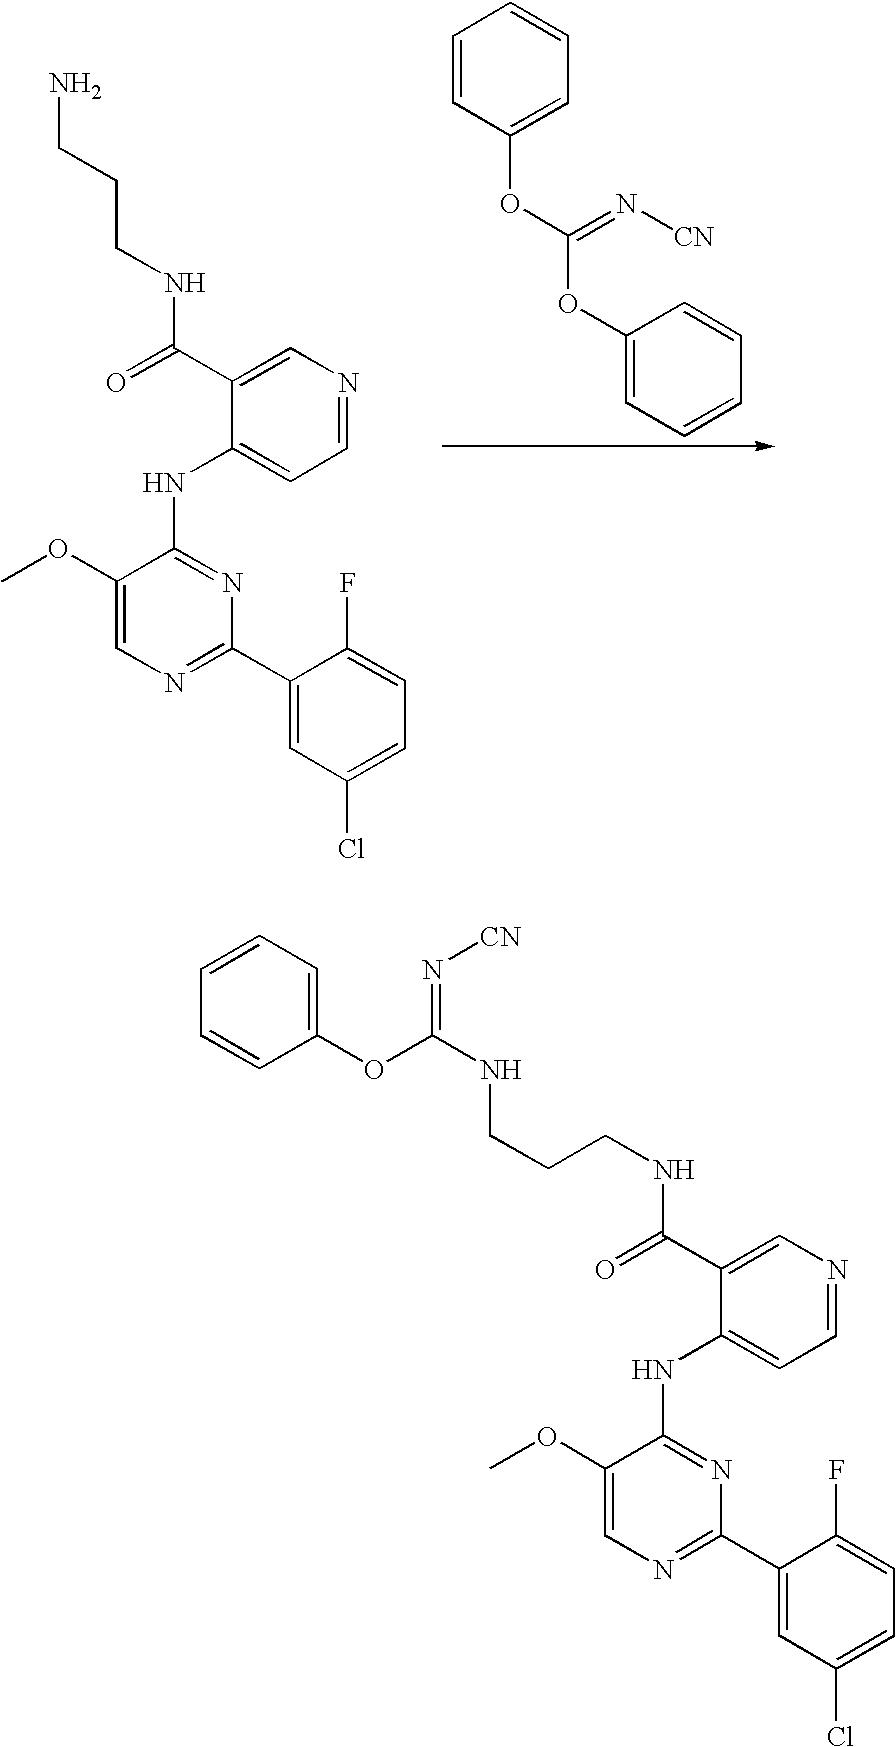 Figure US20060281763A1-20061214-C00045